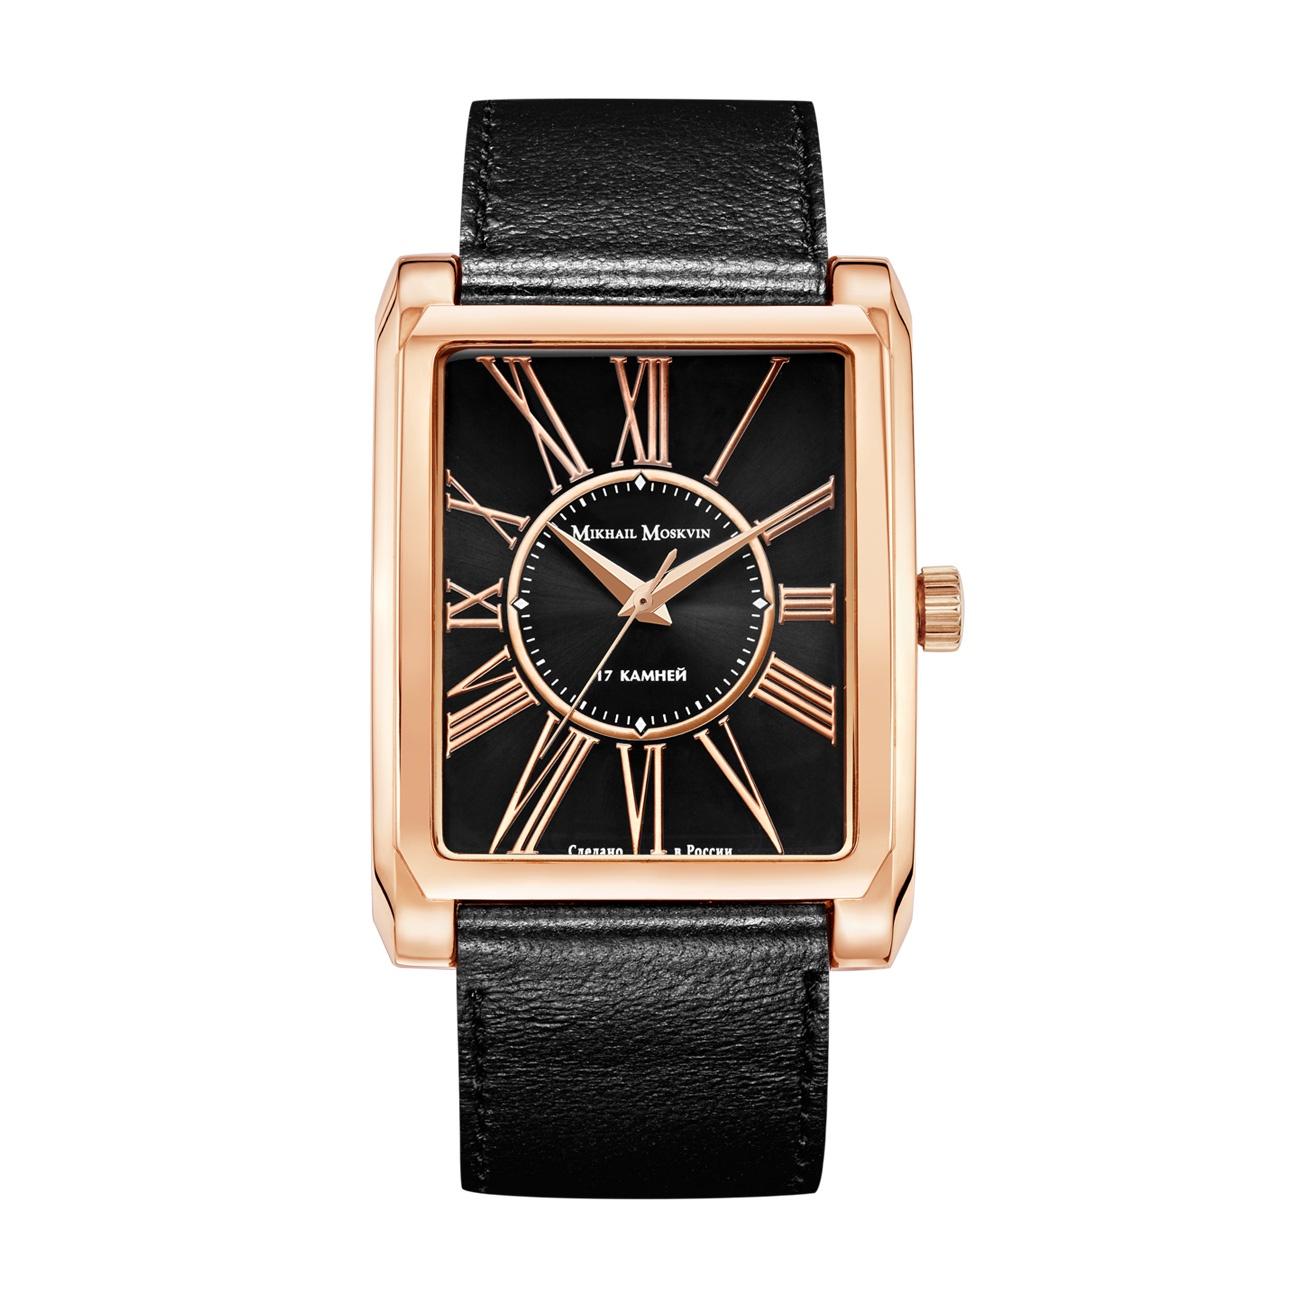 Часы Mikhail Moskvin, Mikhail Moskvin 1118A3L3, 1118A3L3 все цены